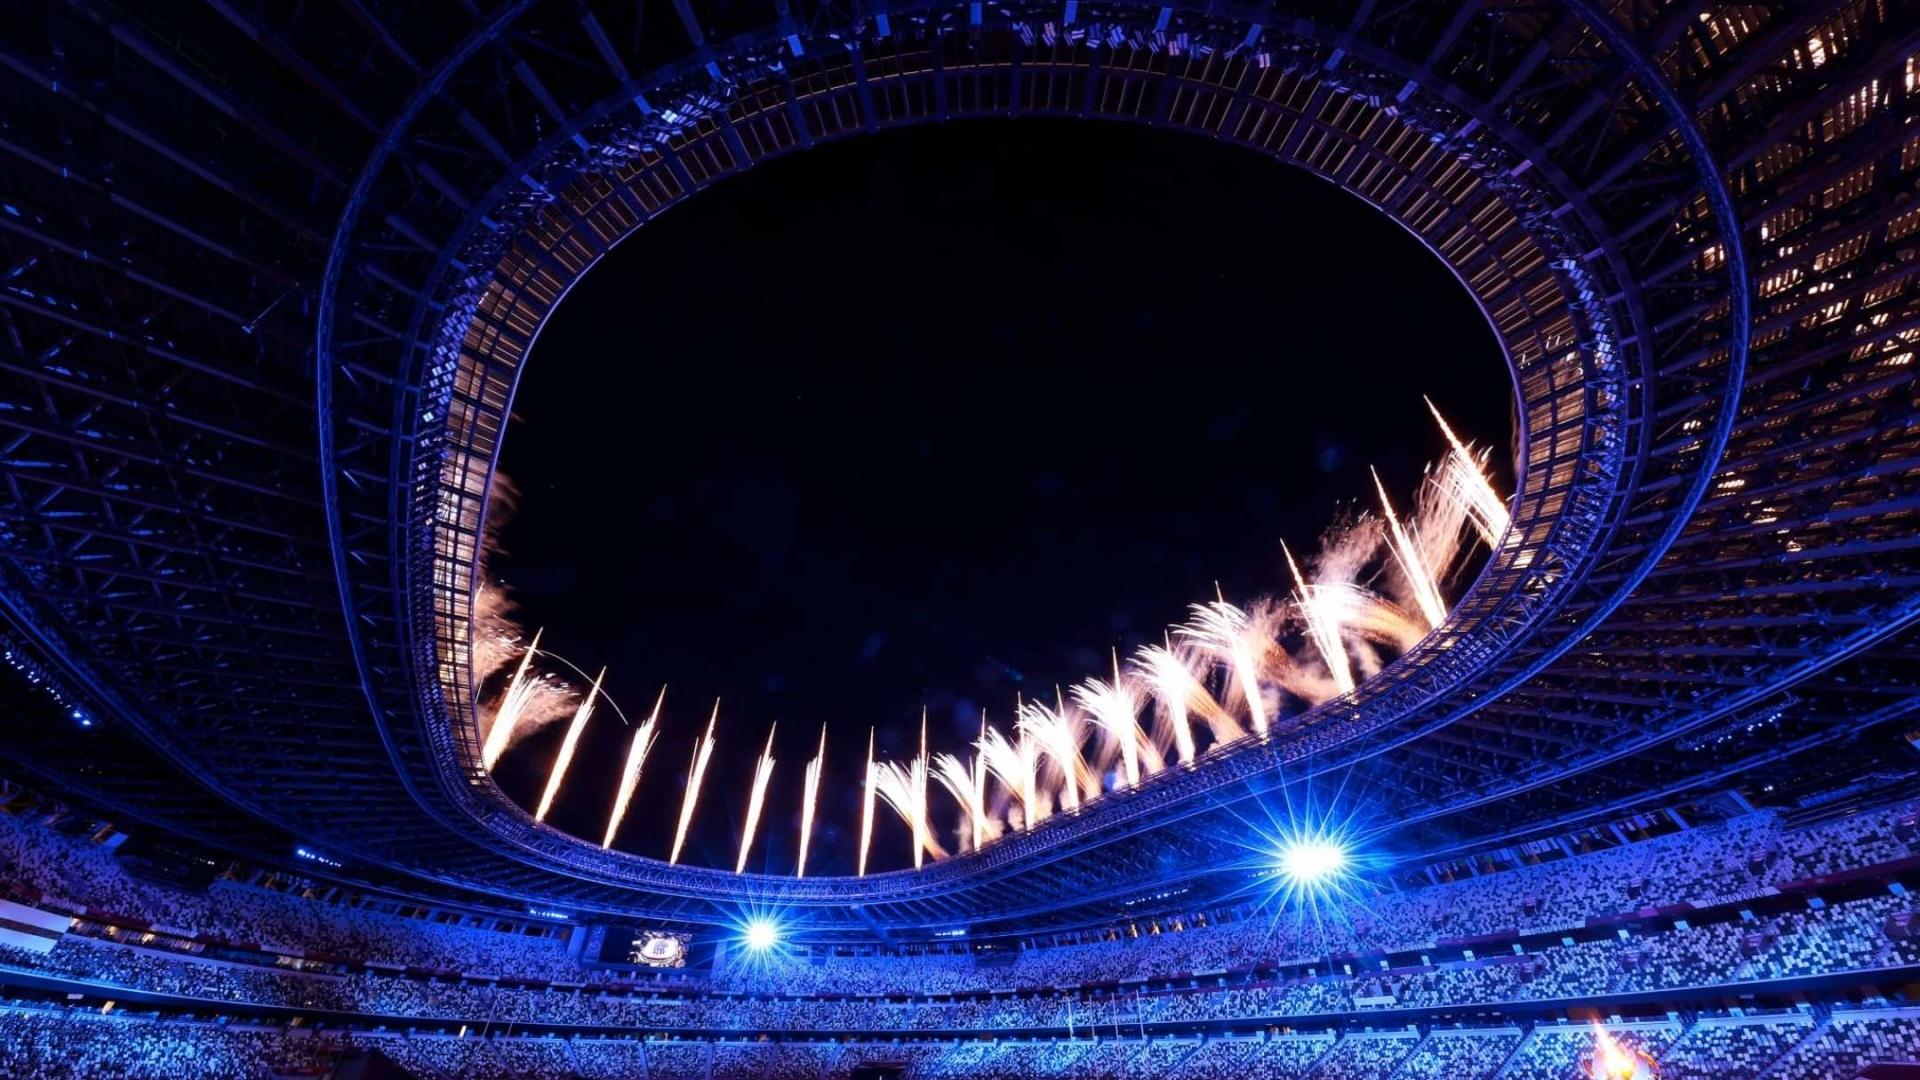 Hình ảnh khó quên tại Lễ bế mạc Olympic Tokyo 2020